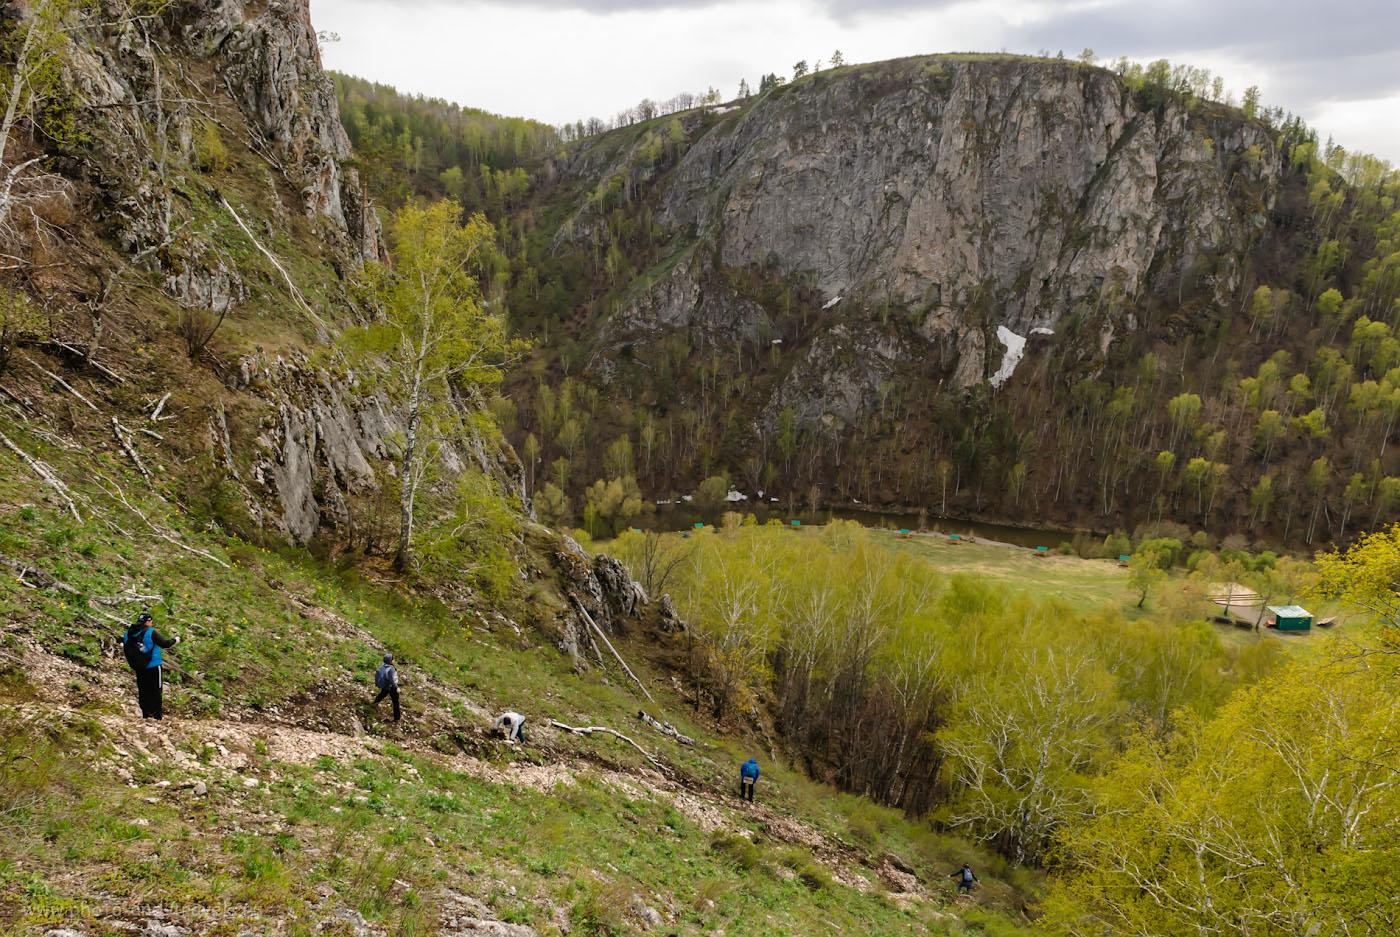 Фотография 13. Не знаете, где отдохнуть в Башкирии? В Мурадымовском ущелье! 1/500, -1.33, 8.0, 320, 17.